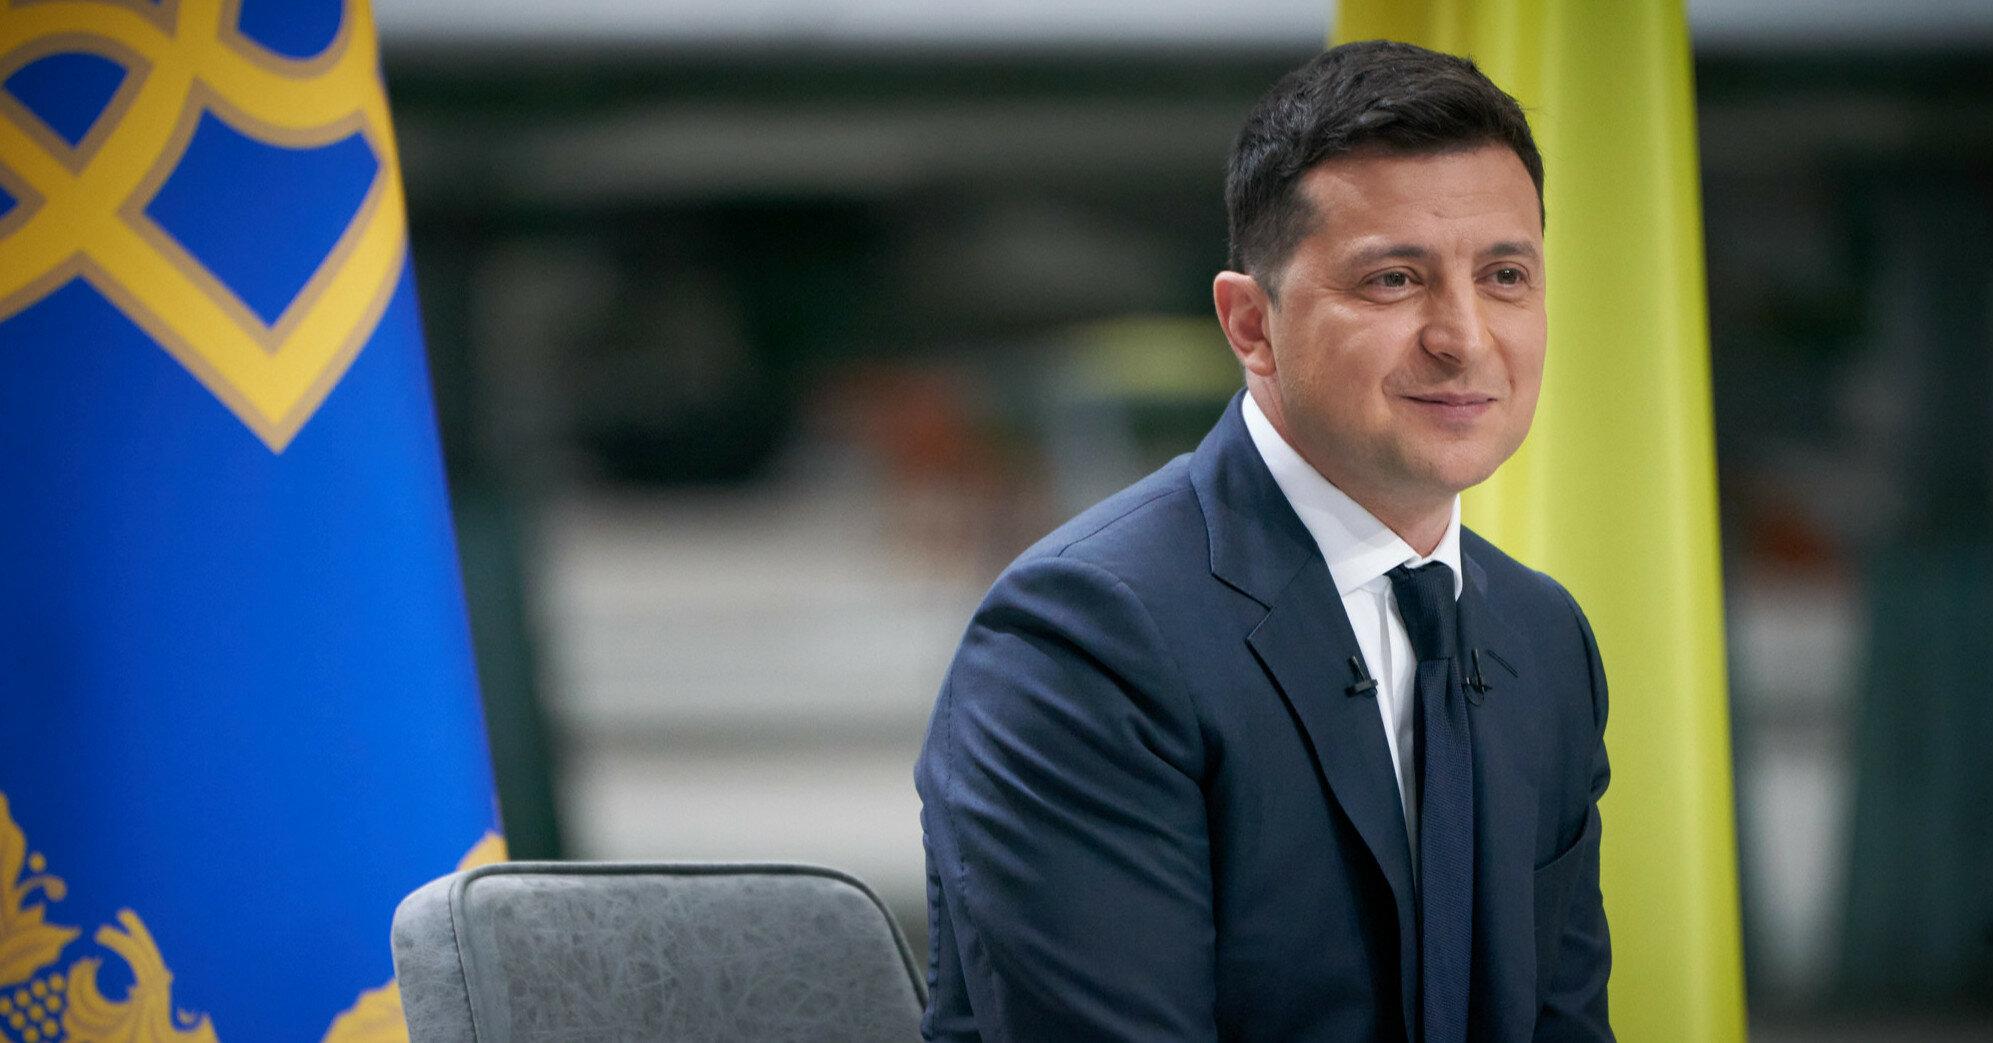 Зеленский и Тимошенко - лидеры президентского рейтинга в мае